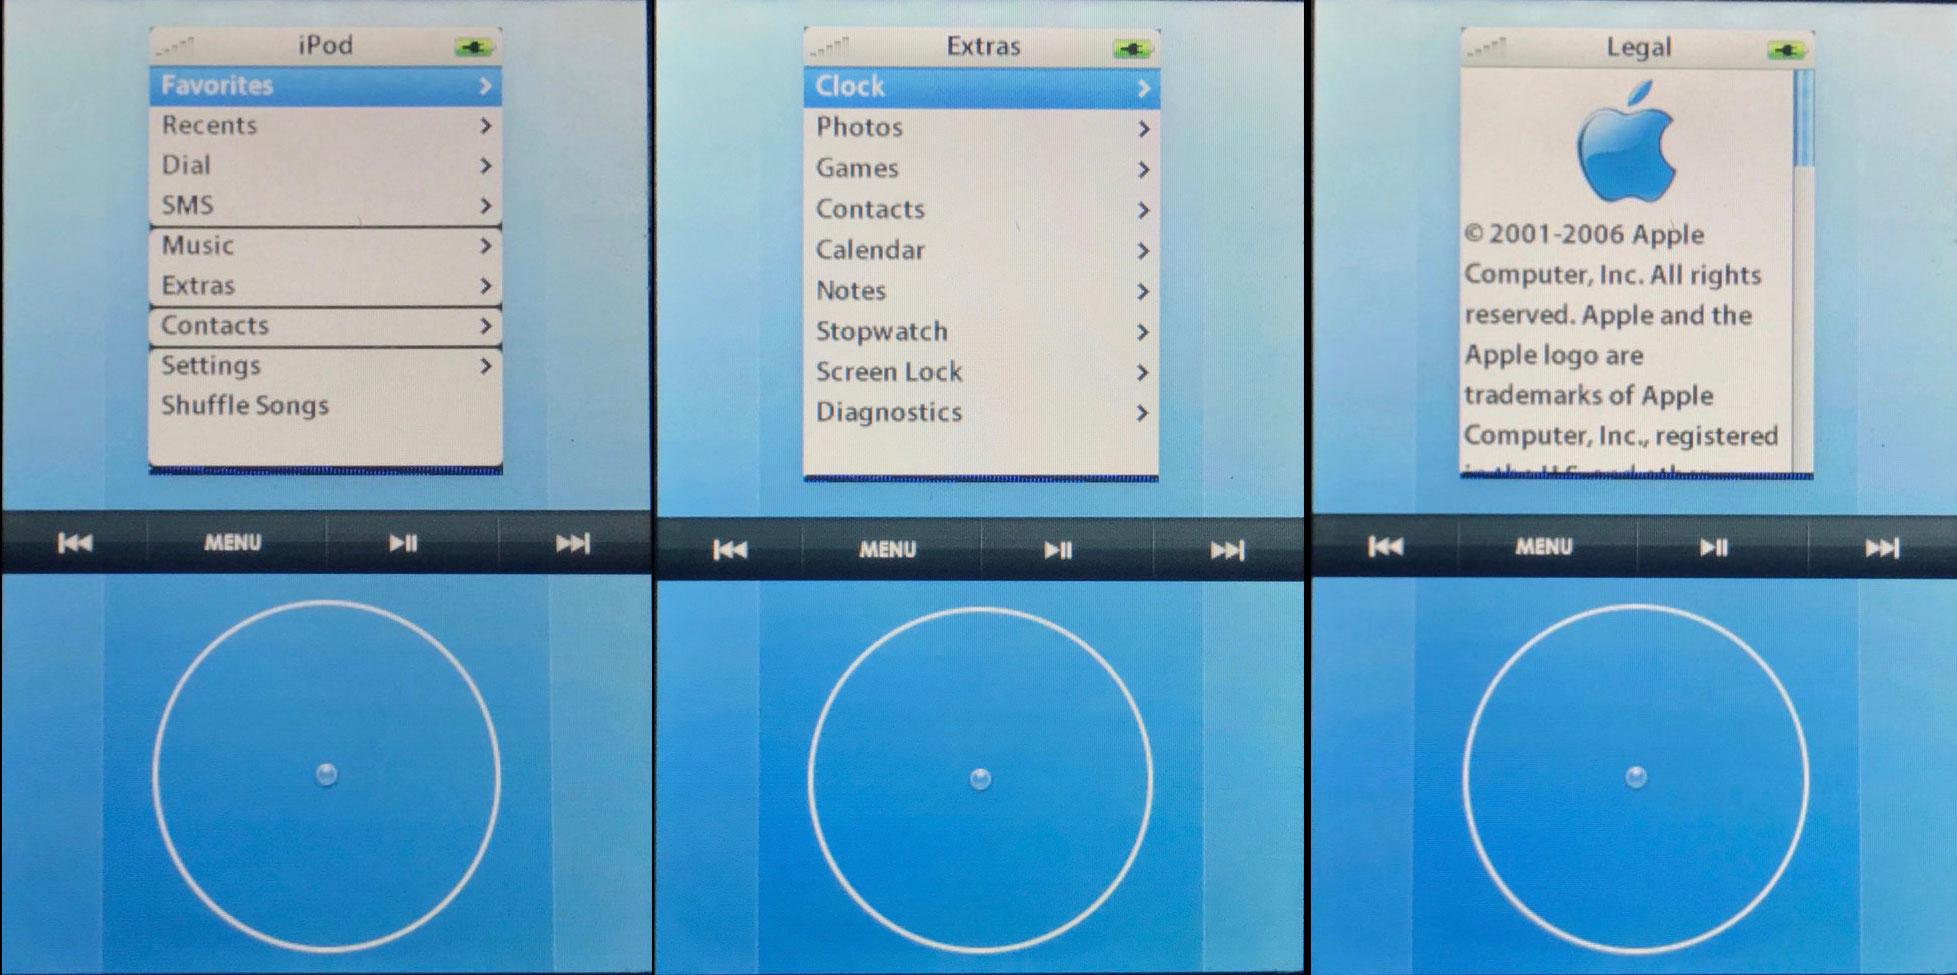 acorn os iphone prototype